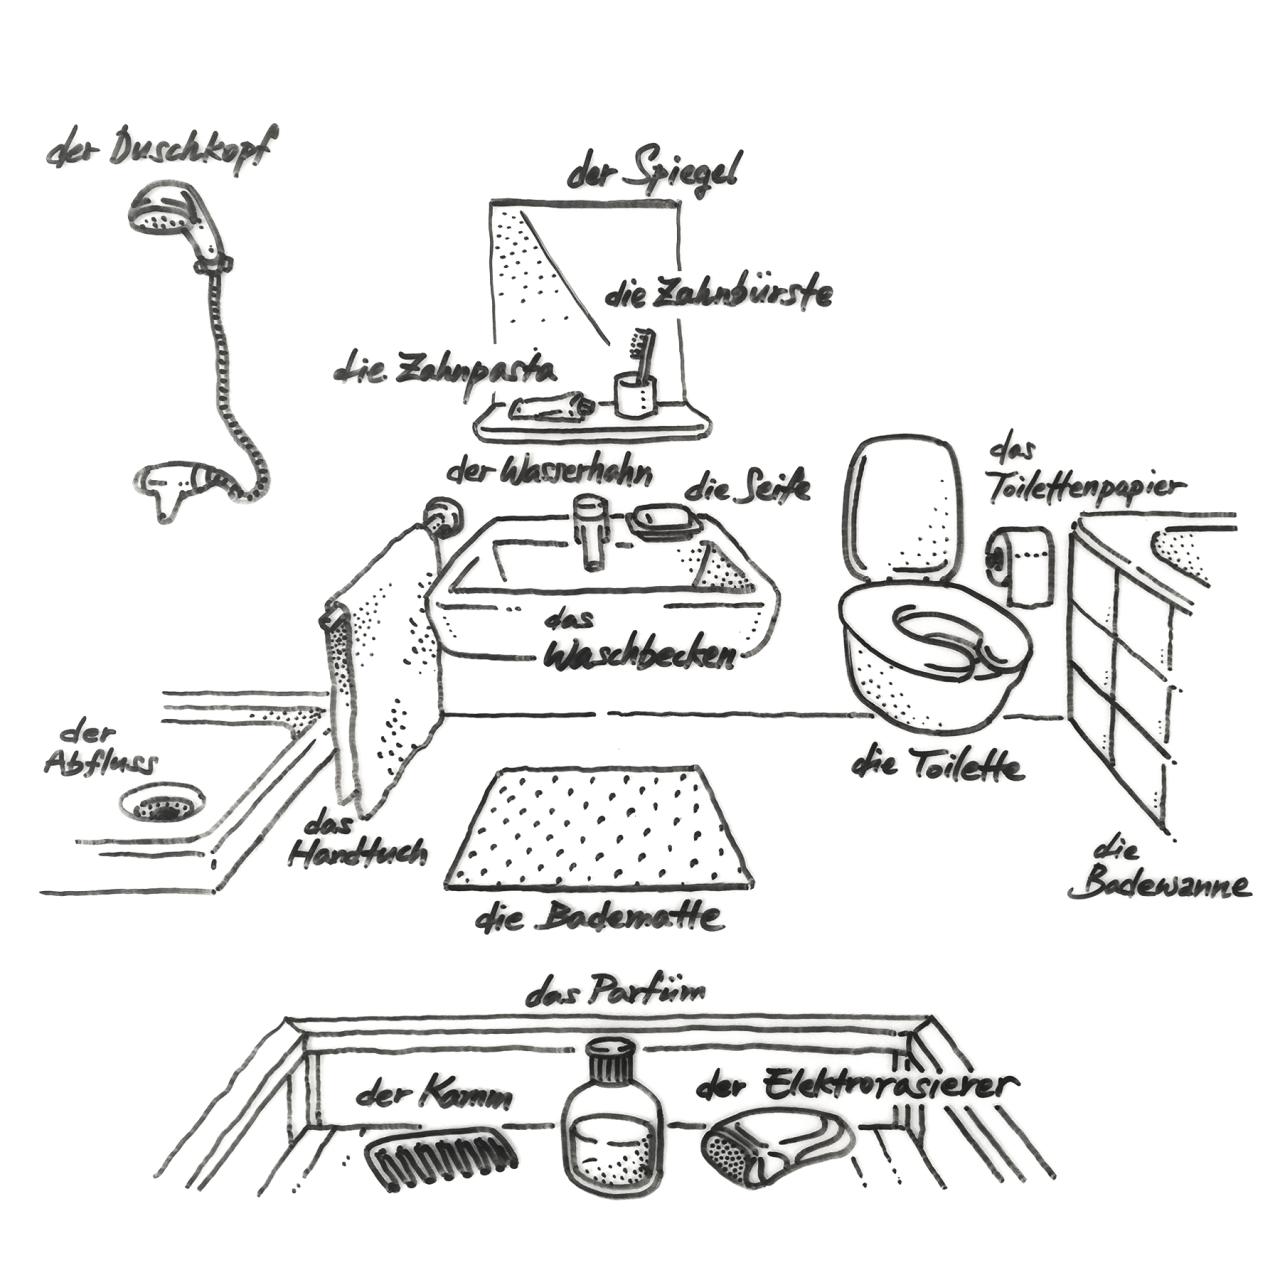 handgezeichnetes deutsch — 008. das badezimmer | daf, daz - wörter, Badezimmer ideen